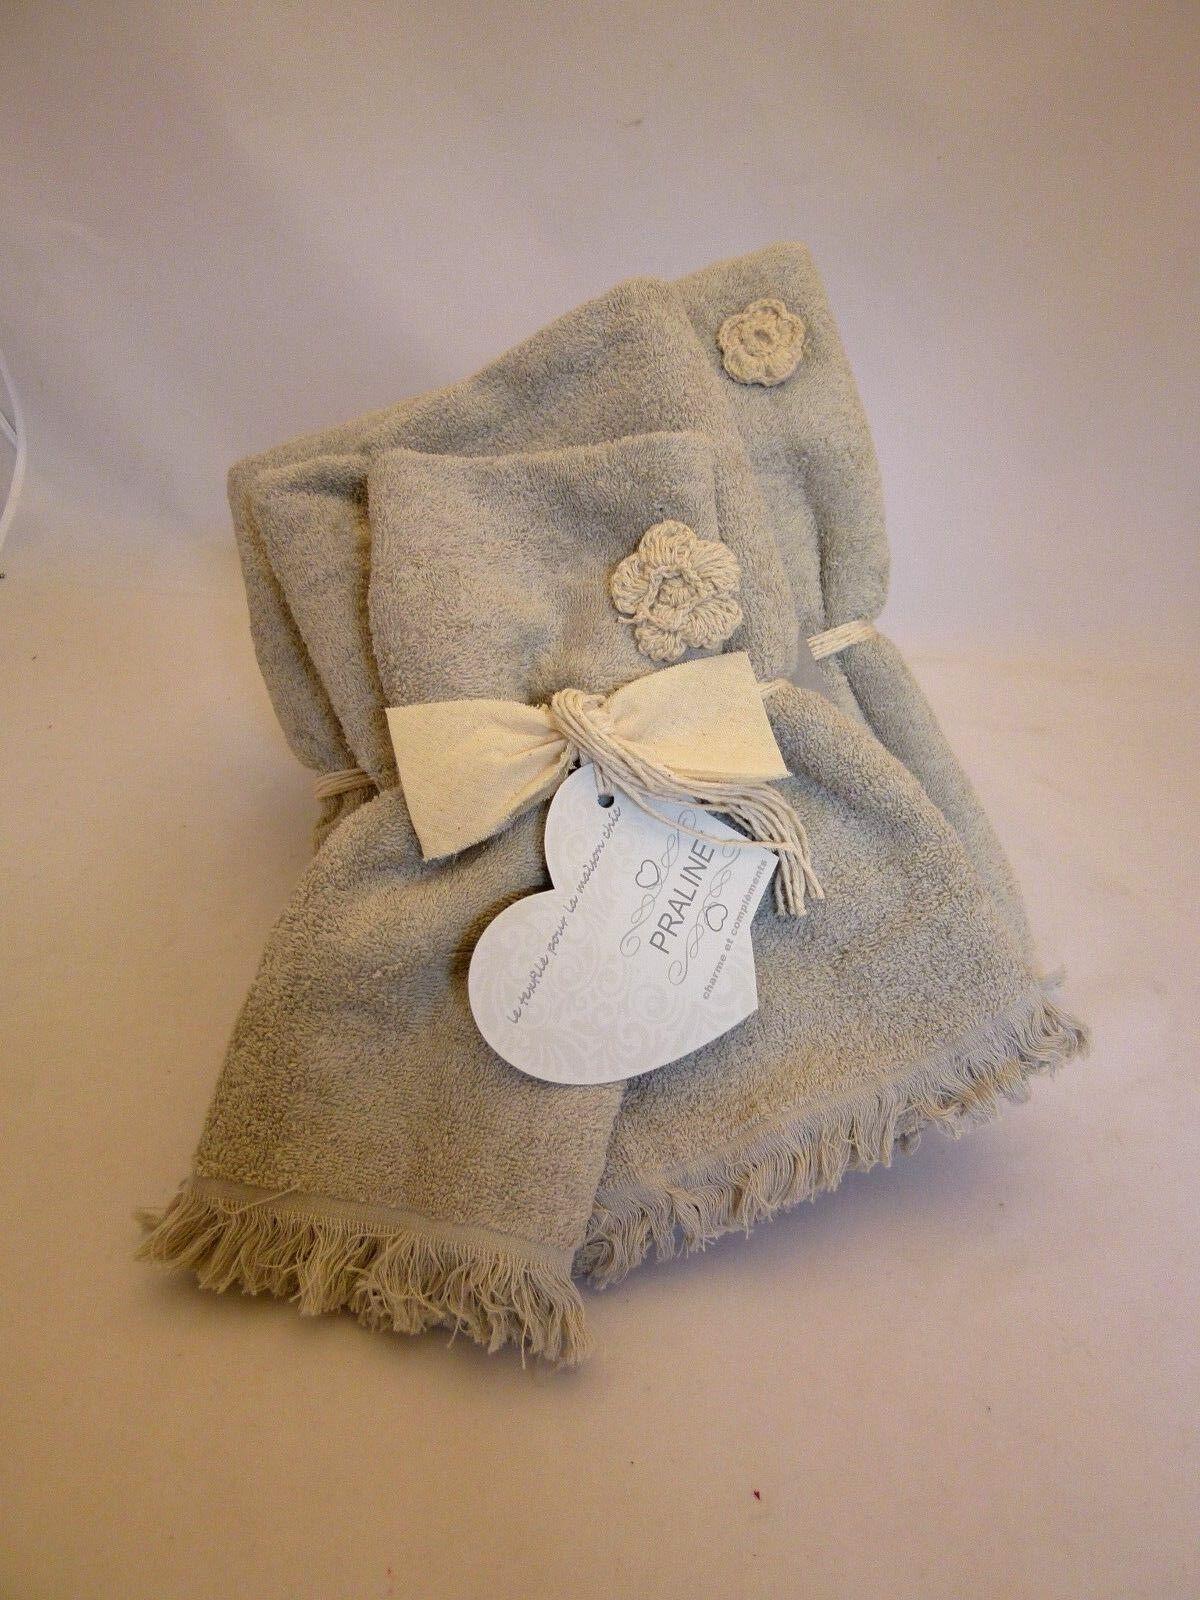 Set Handtücher Vom Badezimmer in Schwamm PZ3 Gesicht + Gast + Blatt Cotton Beige